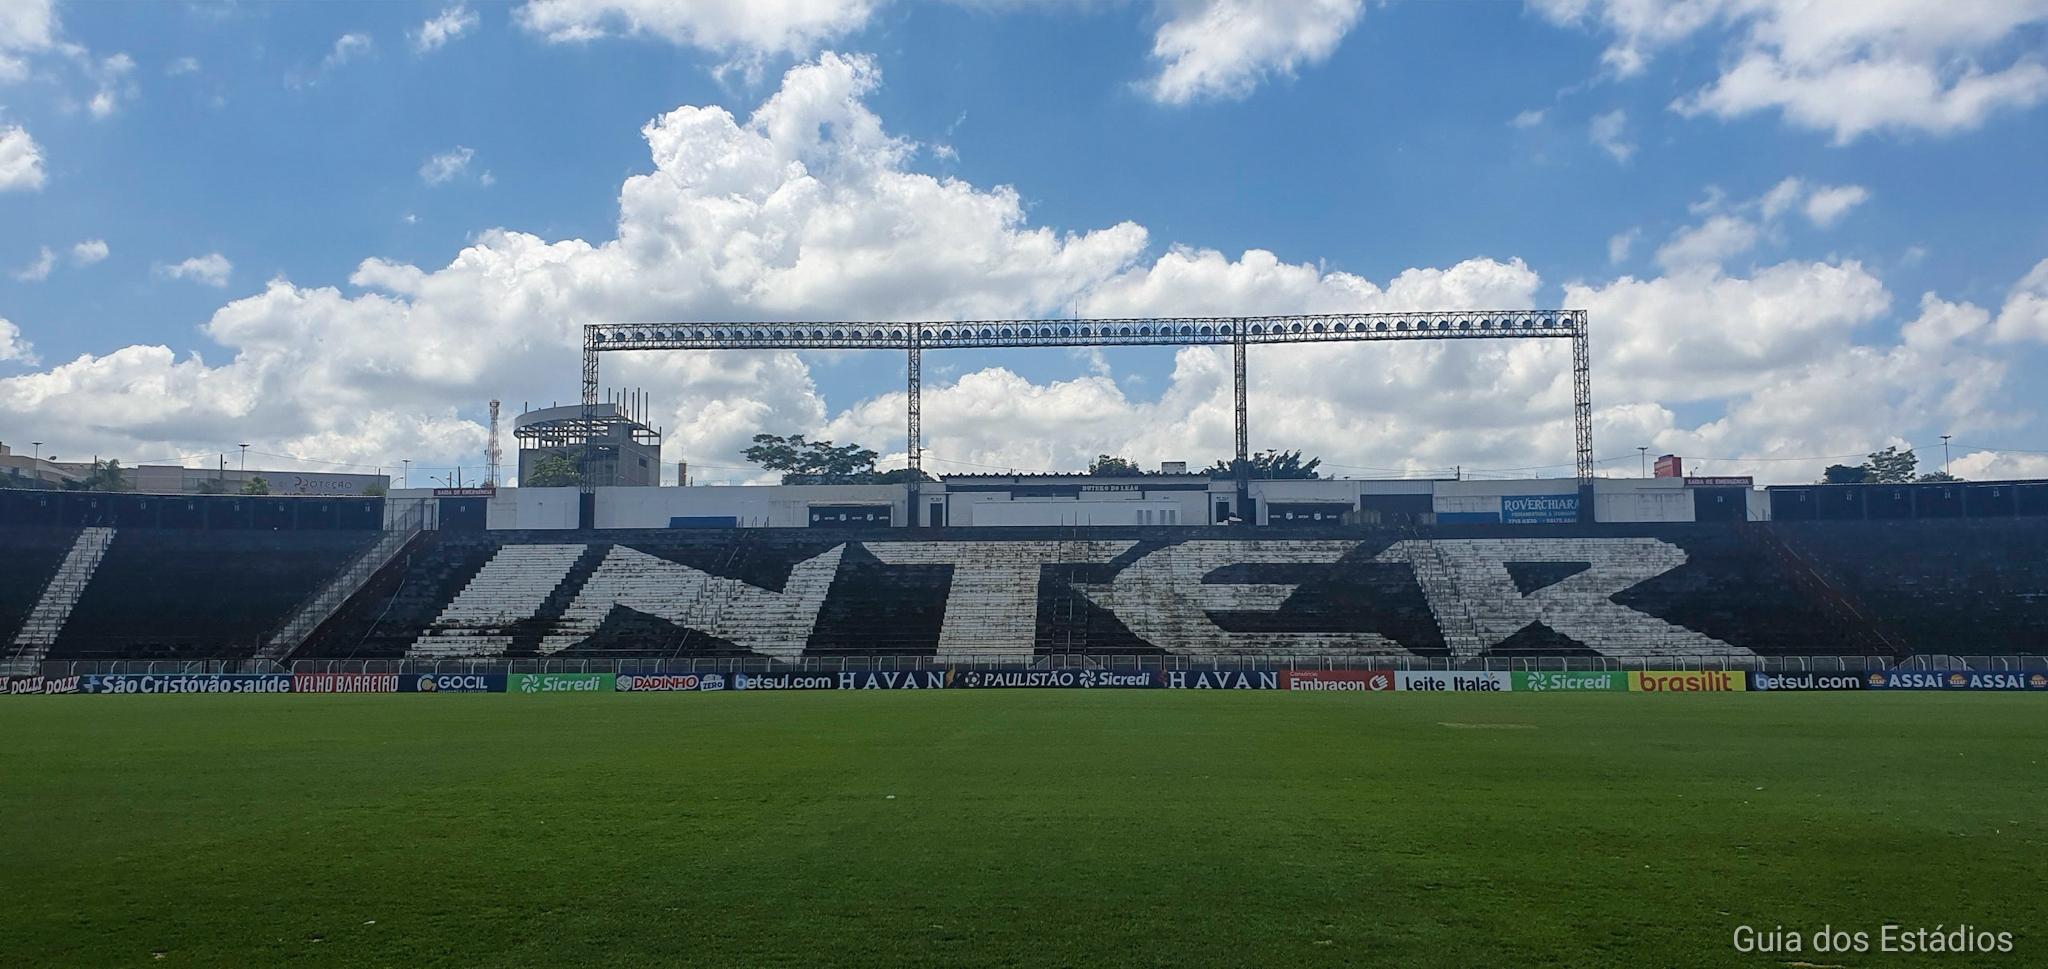 Estádios no Brasil de graça. Estádio Limeirão. Esperei o treino dos jogadores acabar para entrar